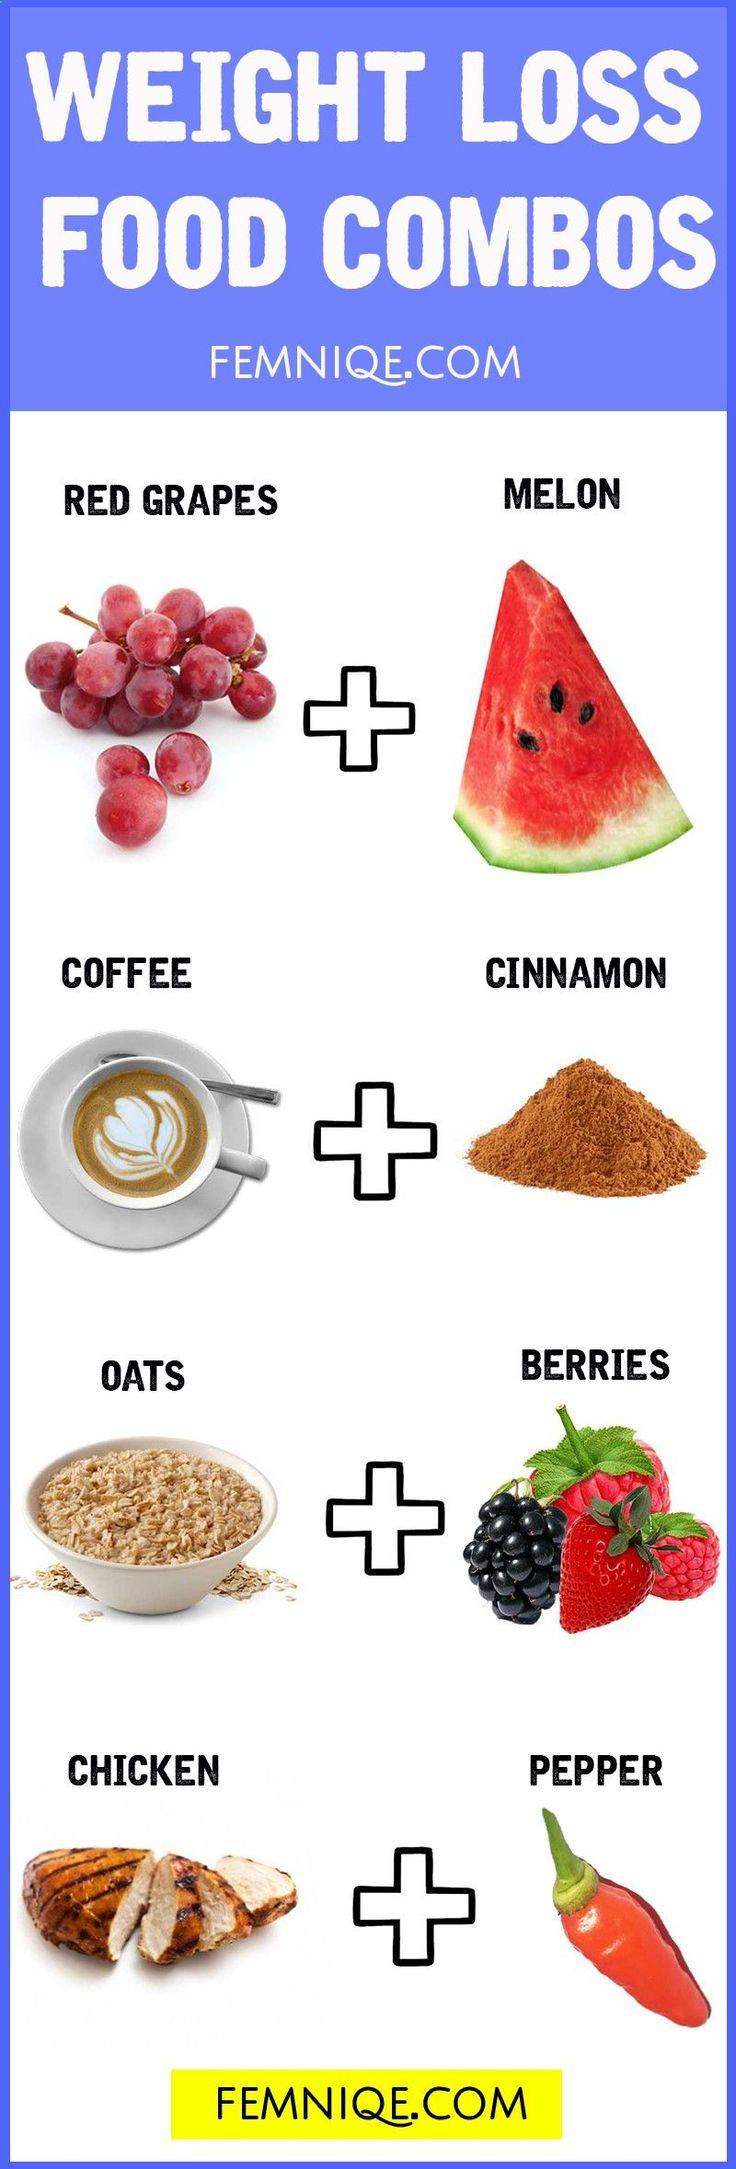 Prescription weight loss pills best image 1